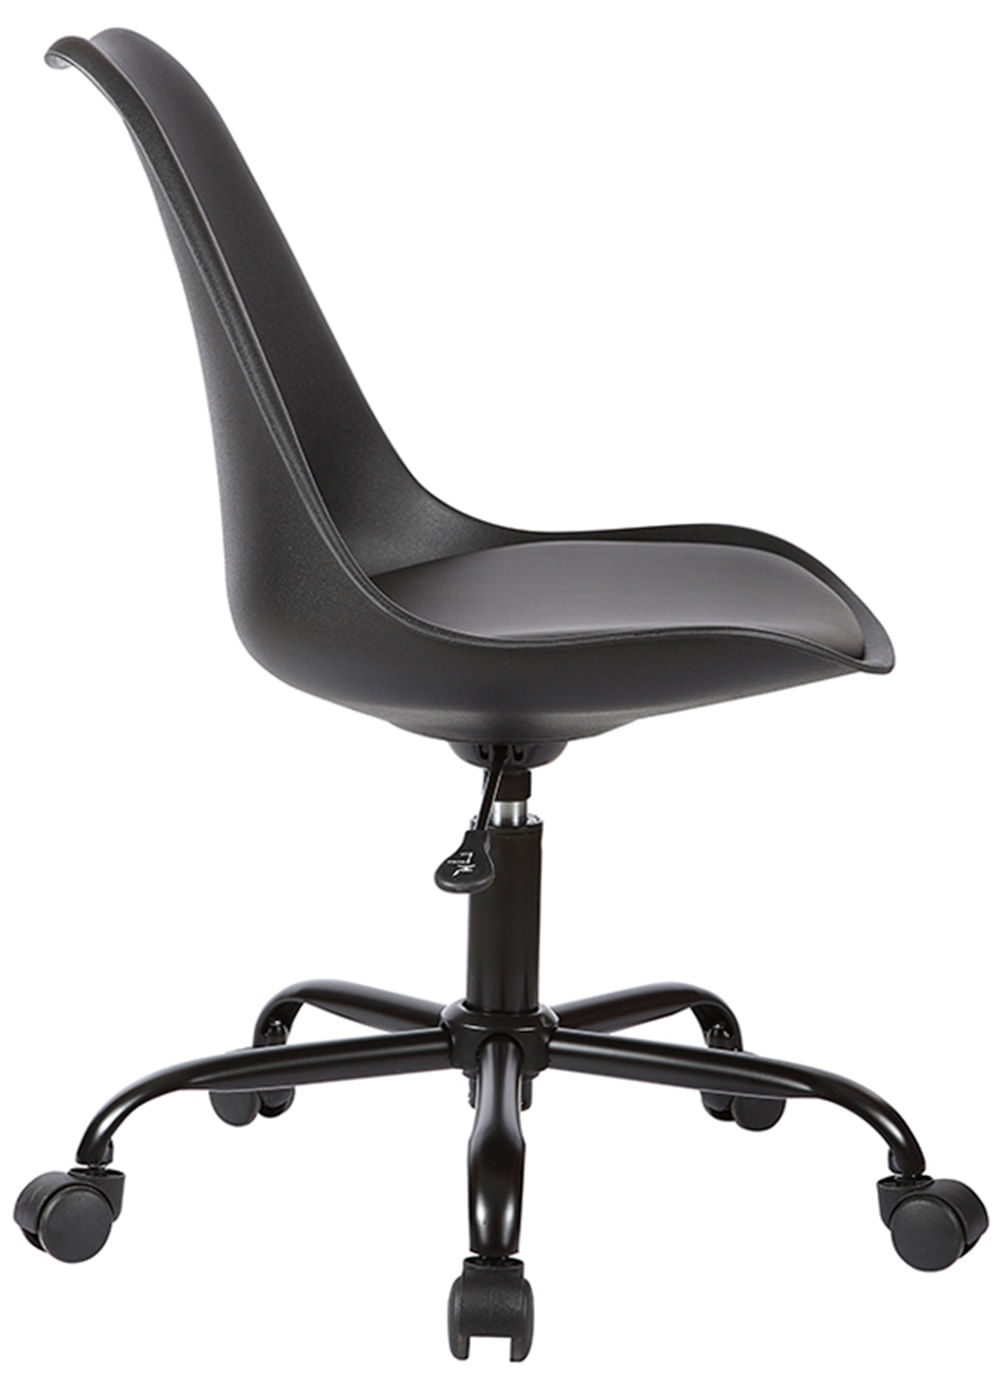 Cadeira Saarinen com Rodizios PP Preta Base Aco - 38658